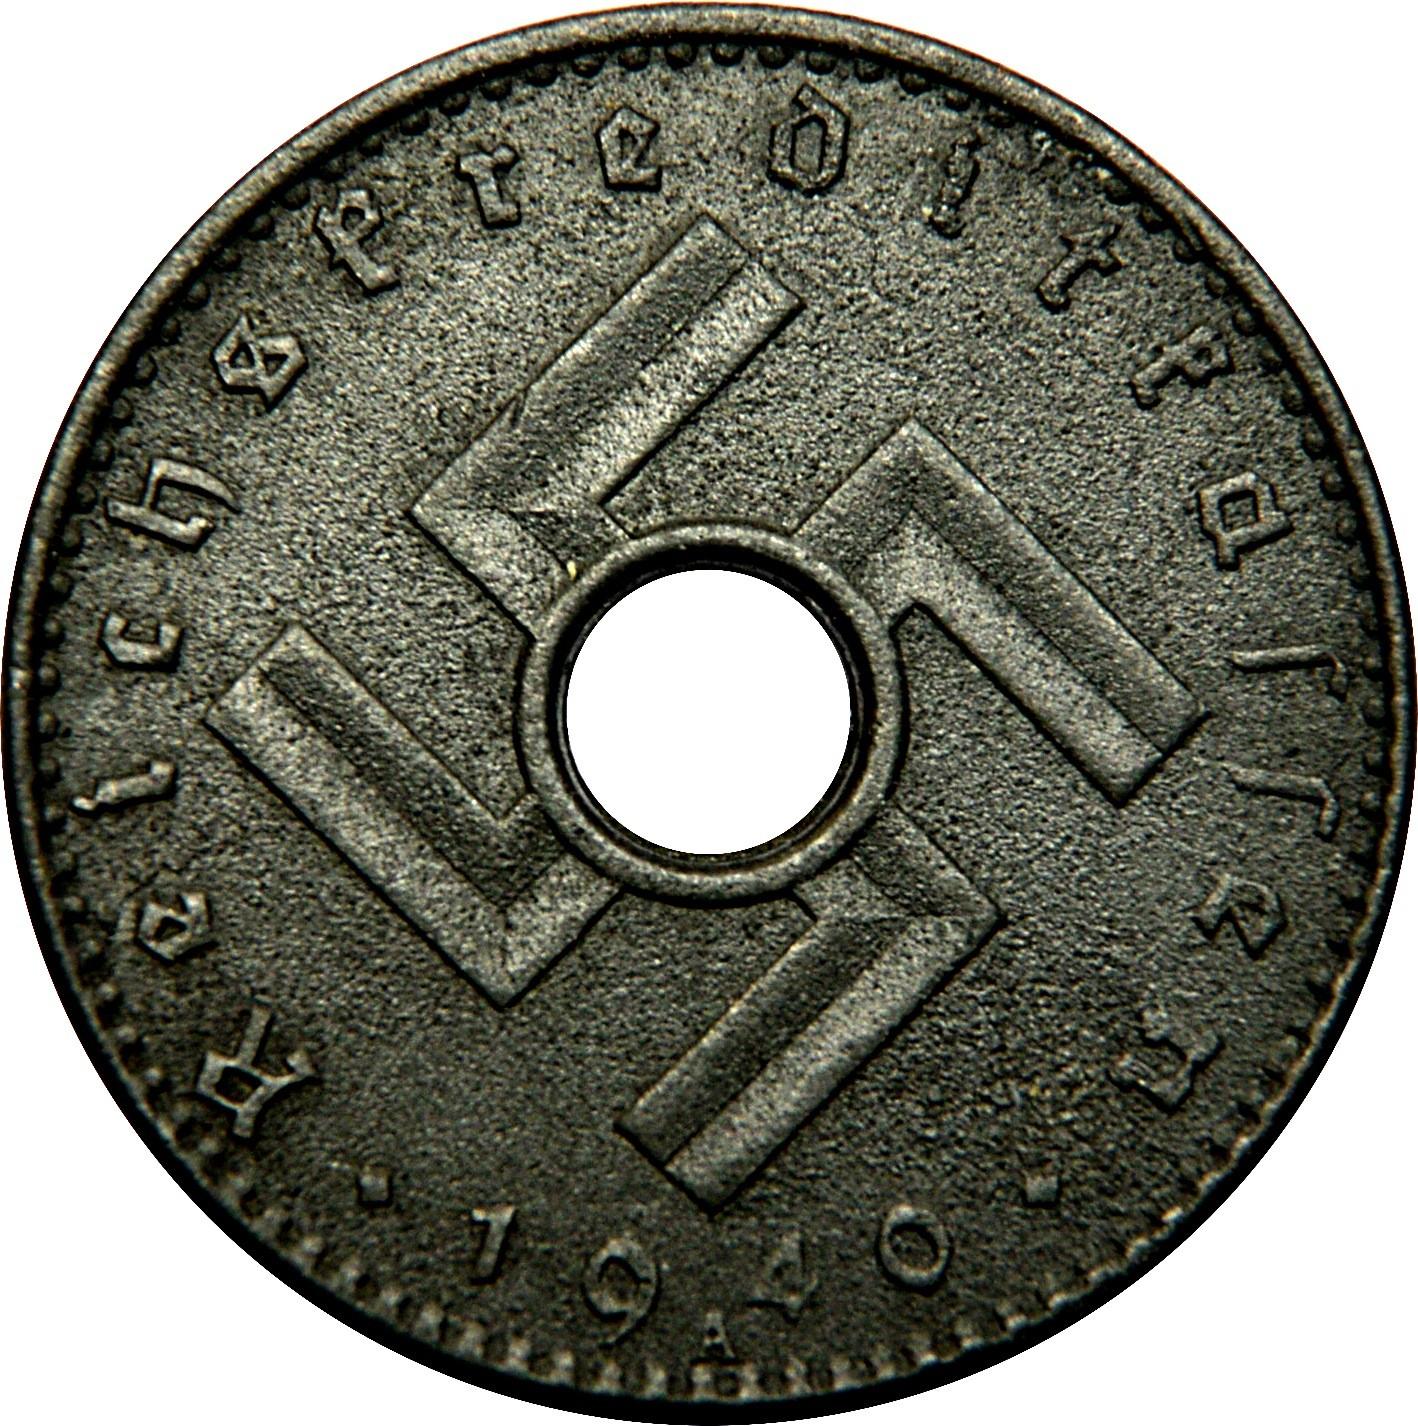 Germany 5 Reichspfennig (1940-1941 Military Coinage)